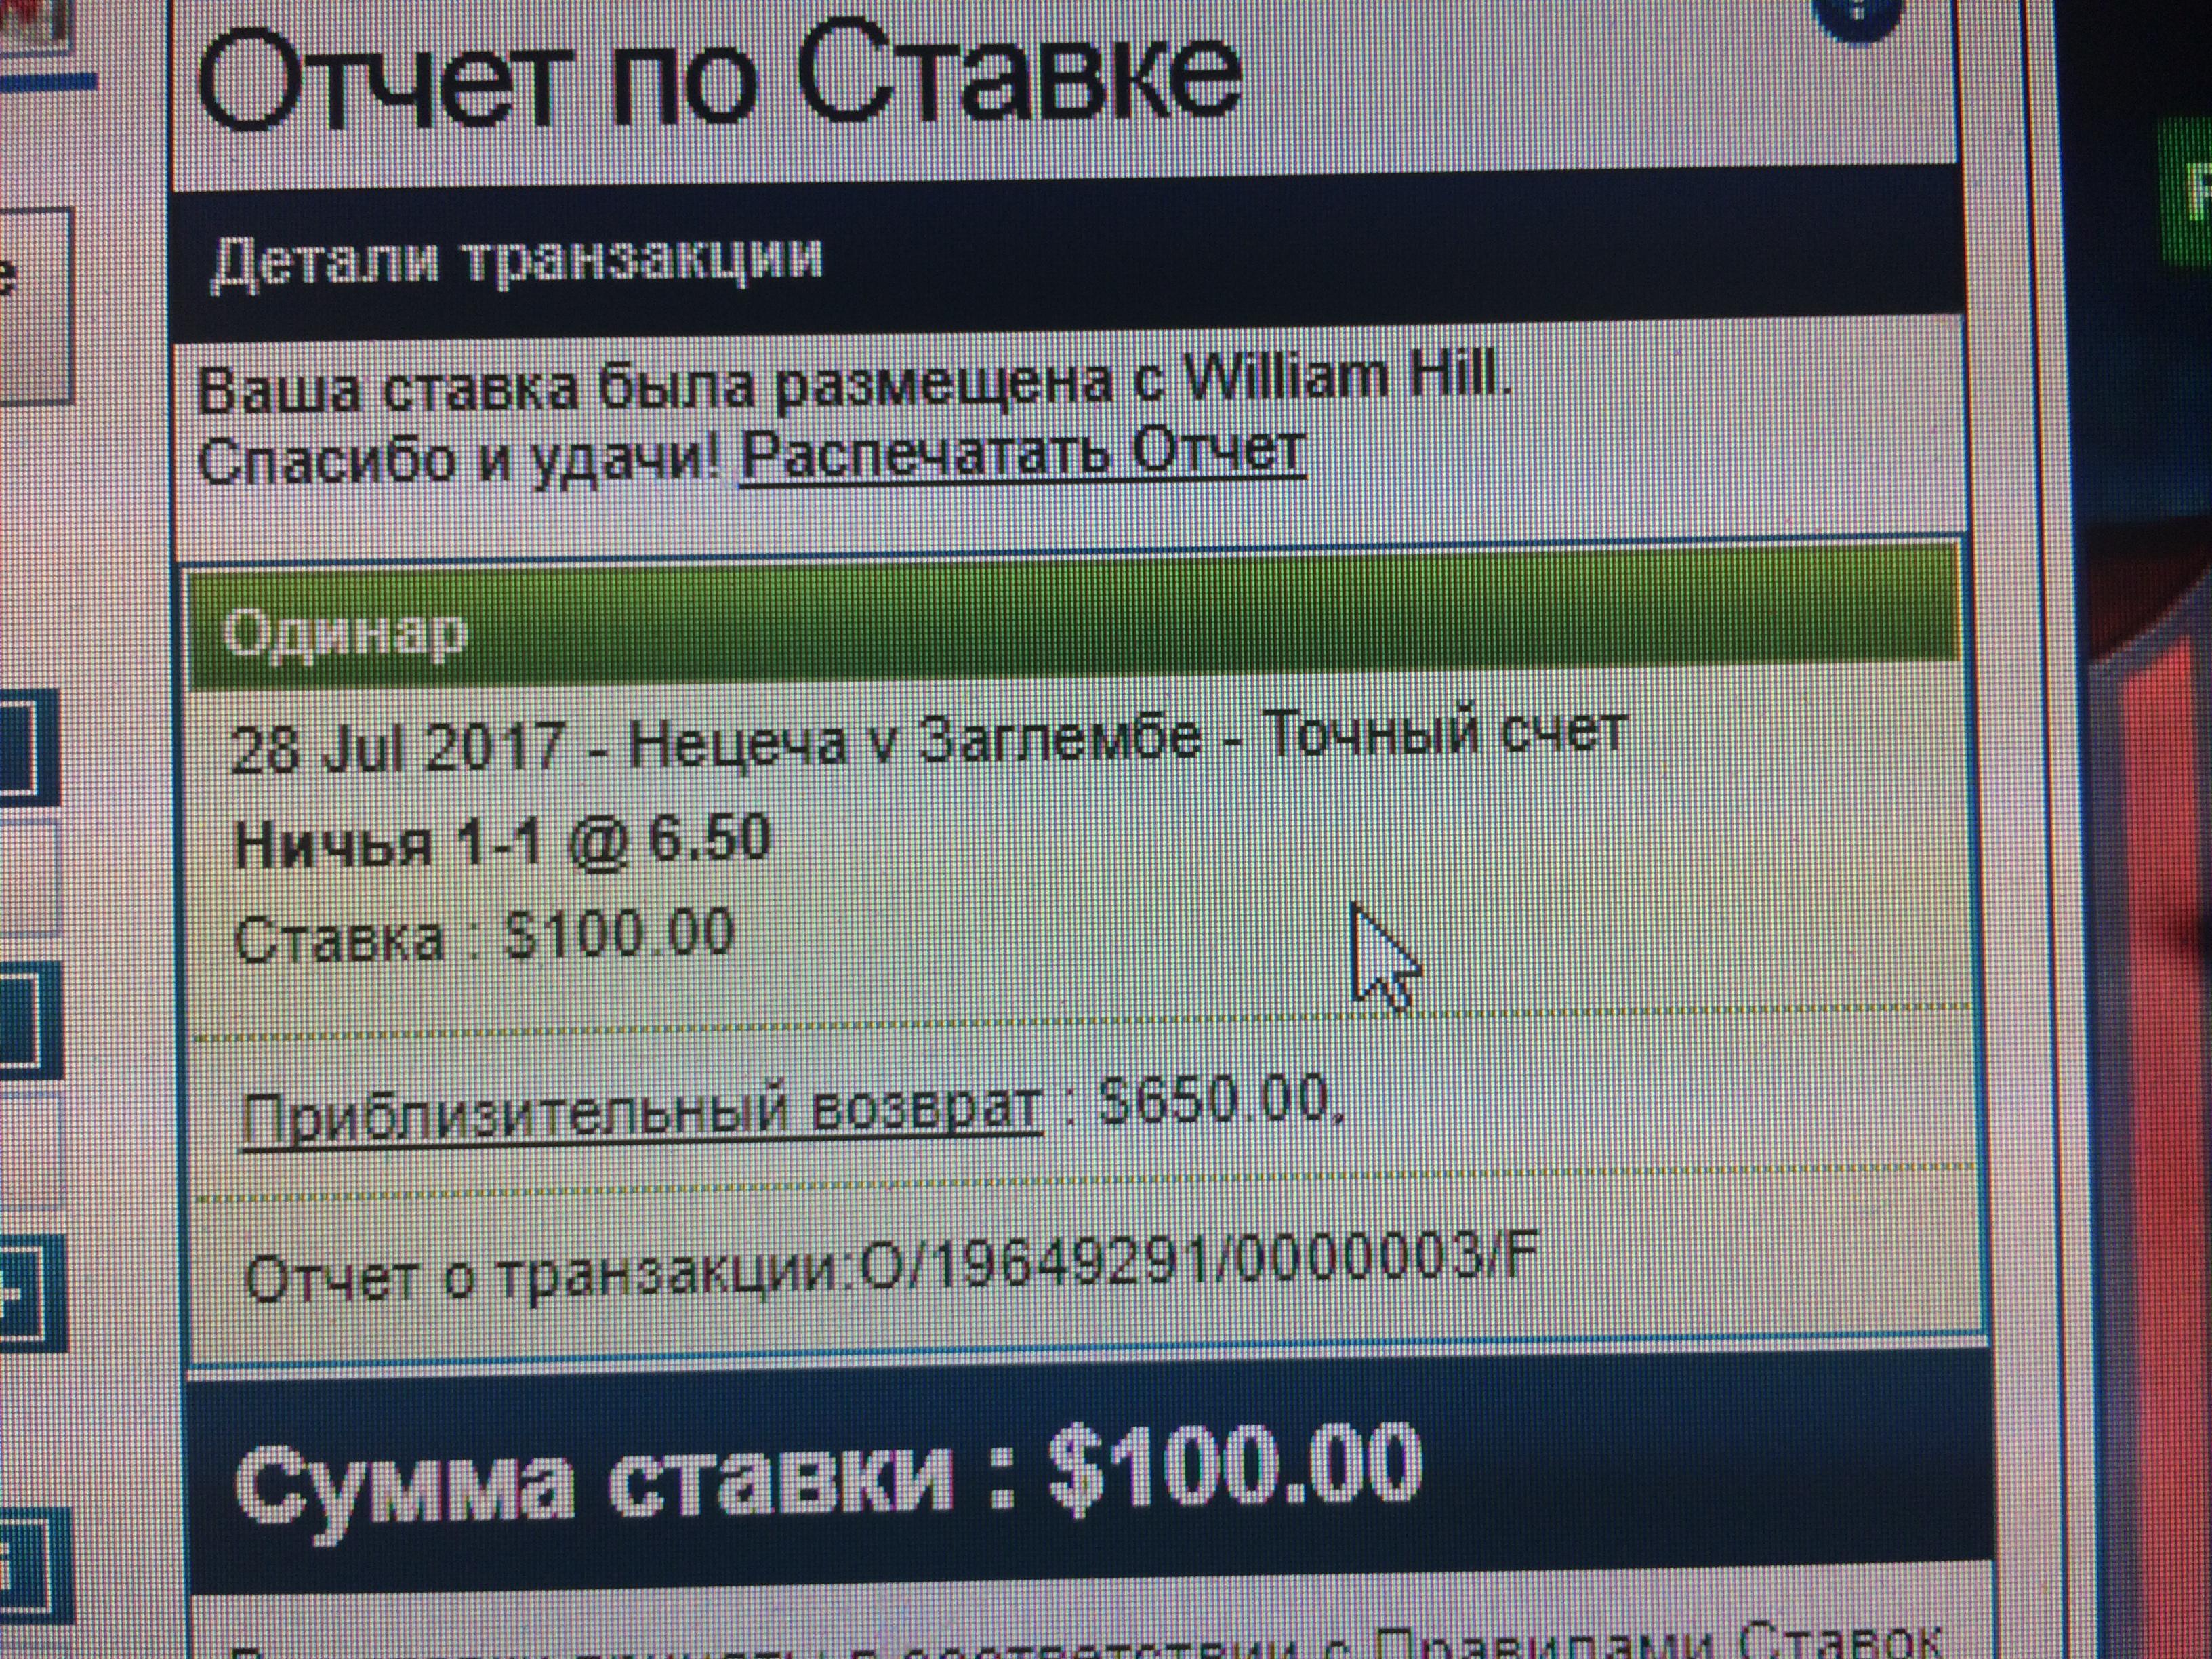 http://s4.uploads.ru/7KtvW.jpg